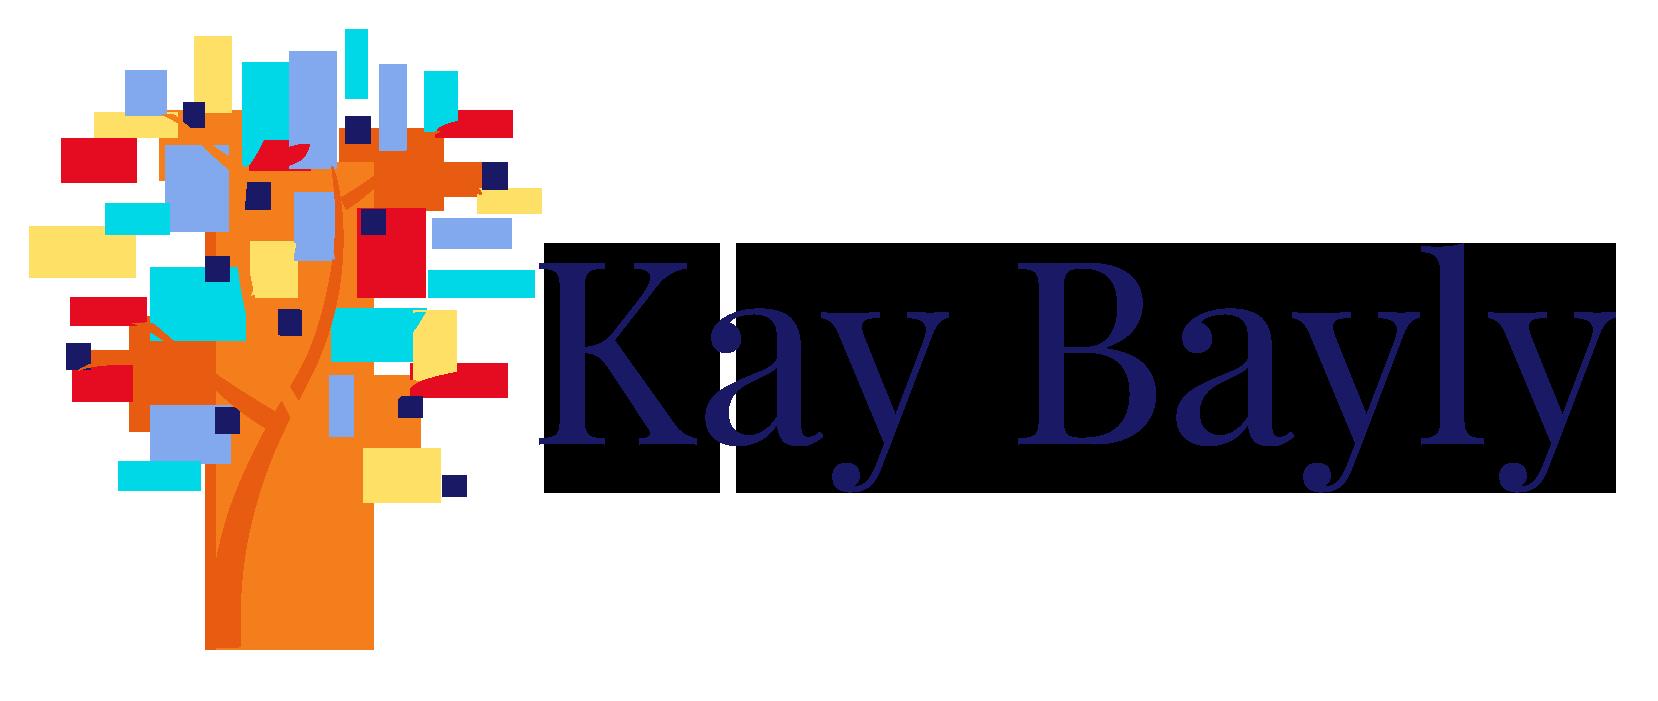 Kay Bayly